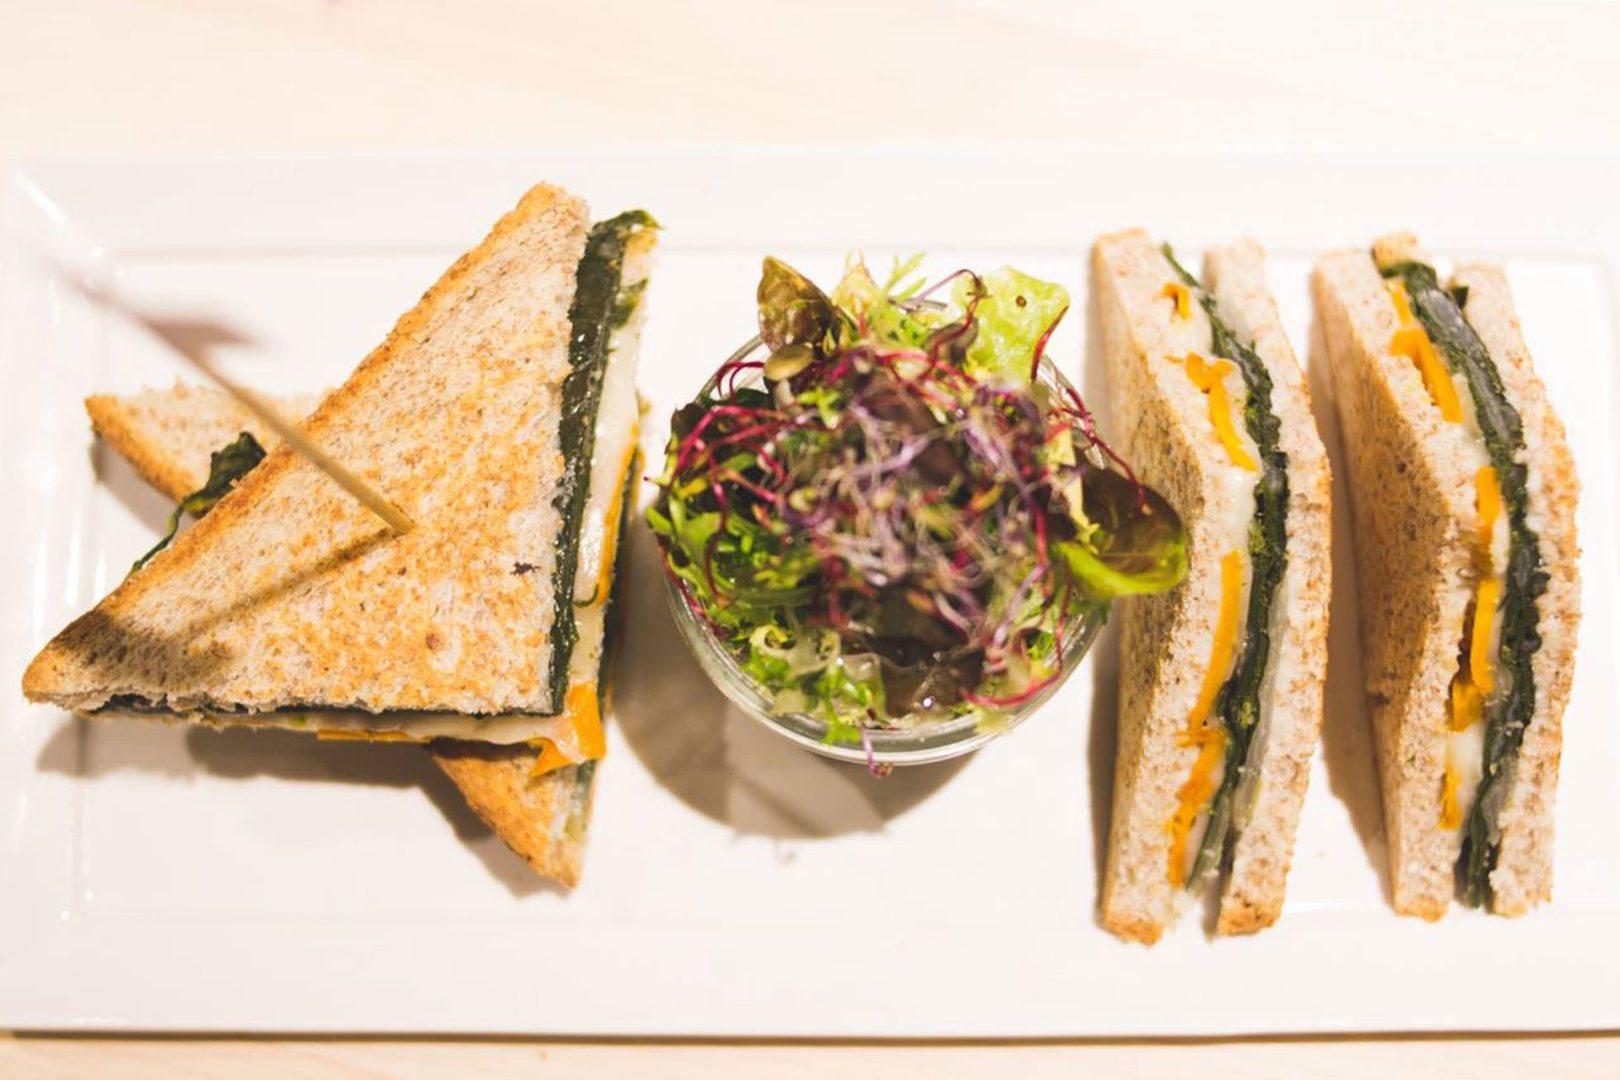 Foto di un panino preparato da Pier Giorgio Parini